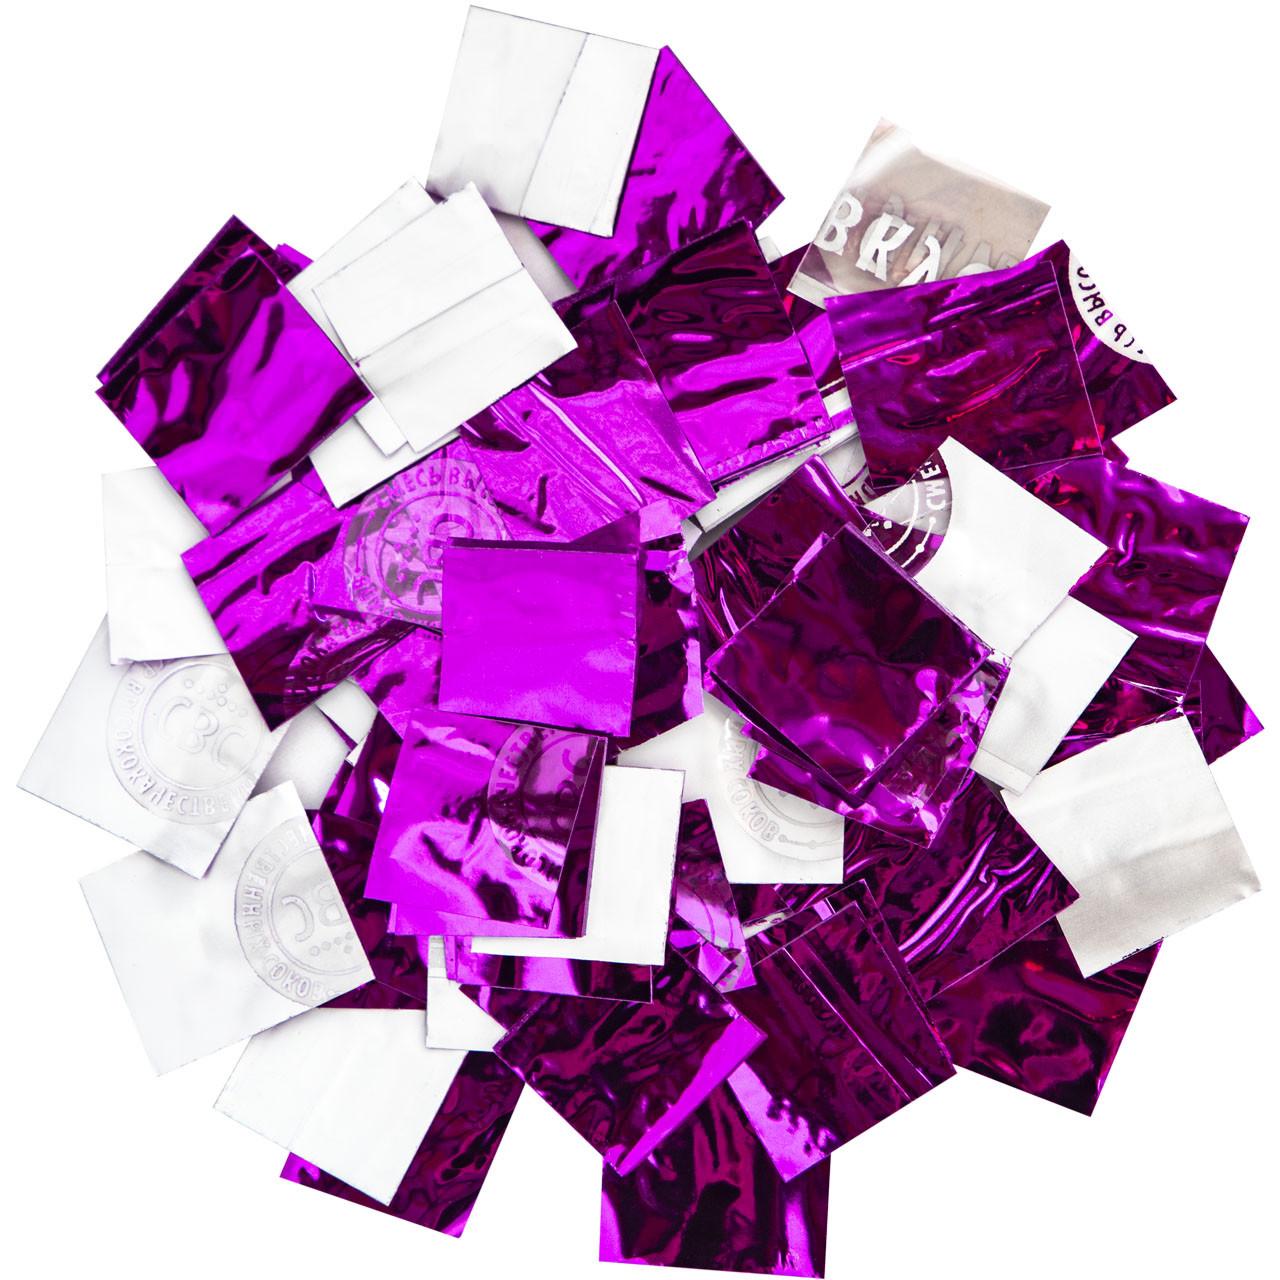 Конфетти-Метафан ЛК206 Фиолетово-Серебряный 2х2 1кг